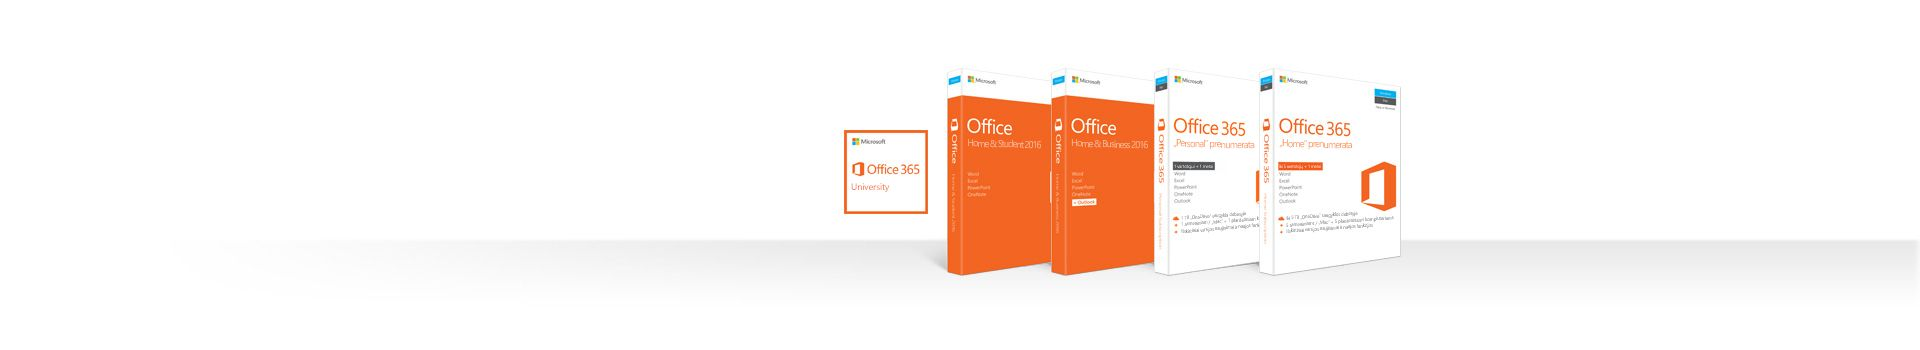 """""""Office 2016"""" ir """"Office 365"""" produktų """"Mac"""" kompiuteriui dėžių eilės paveikslėlis"""